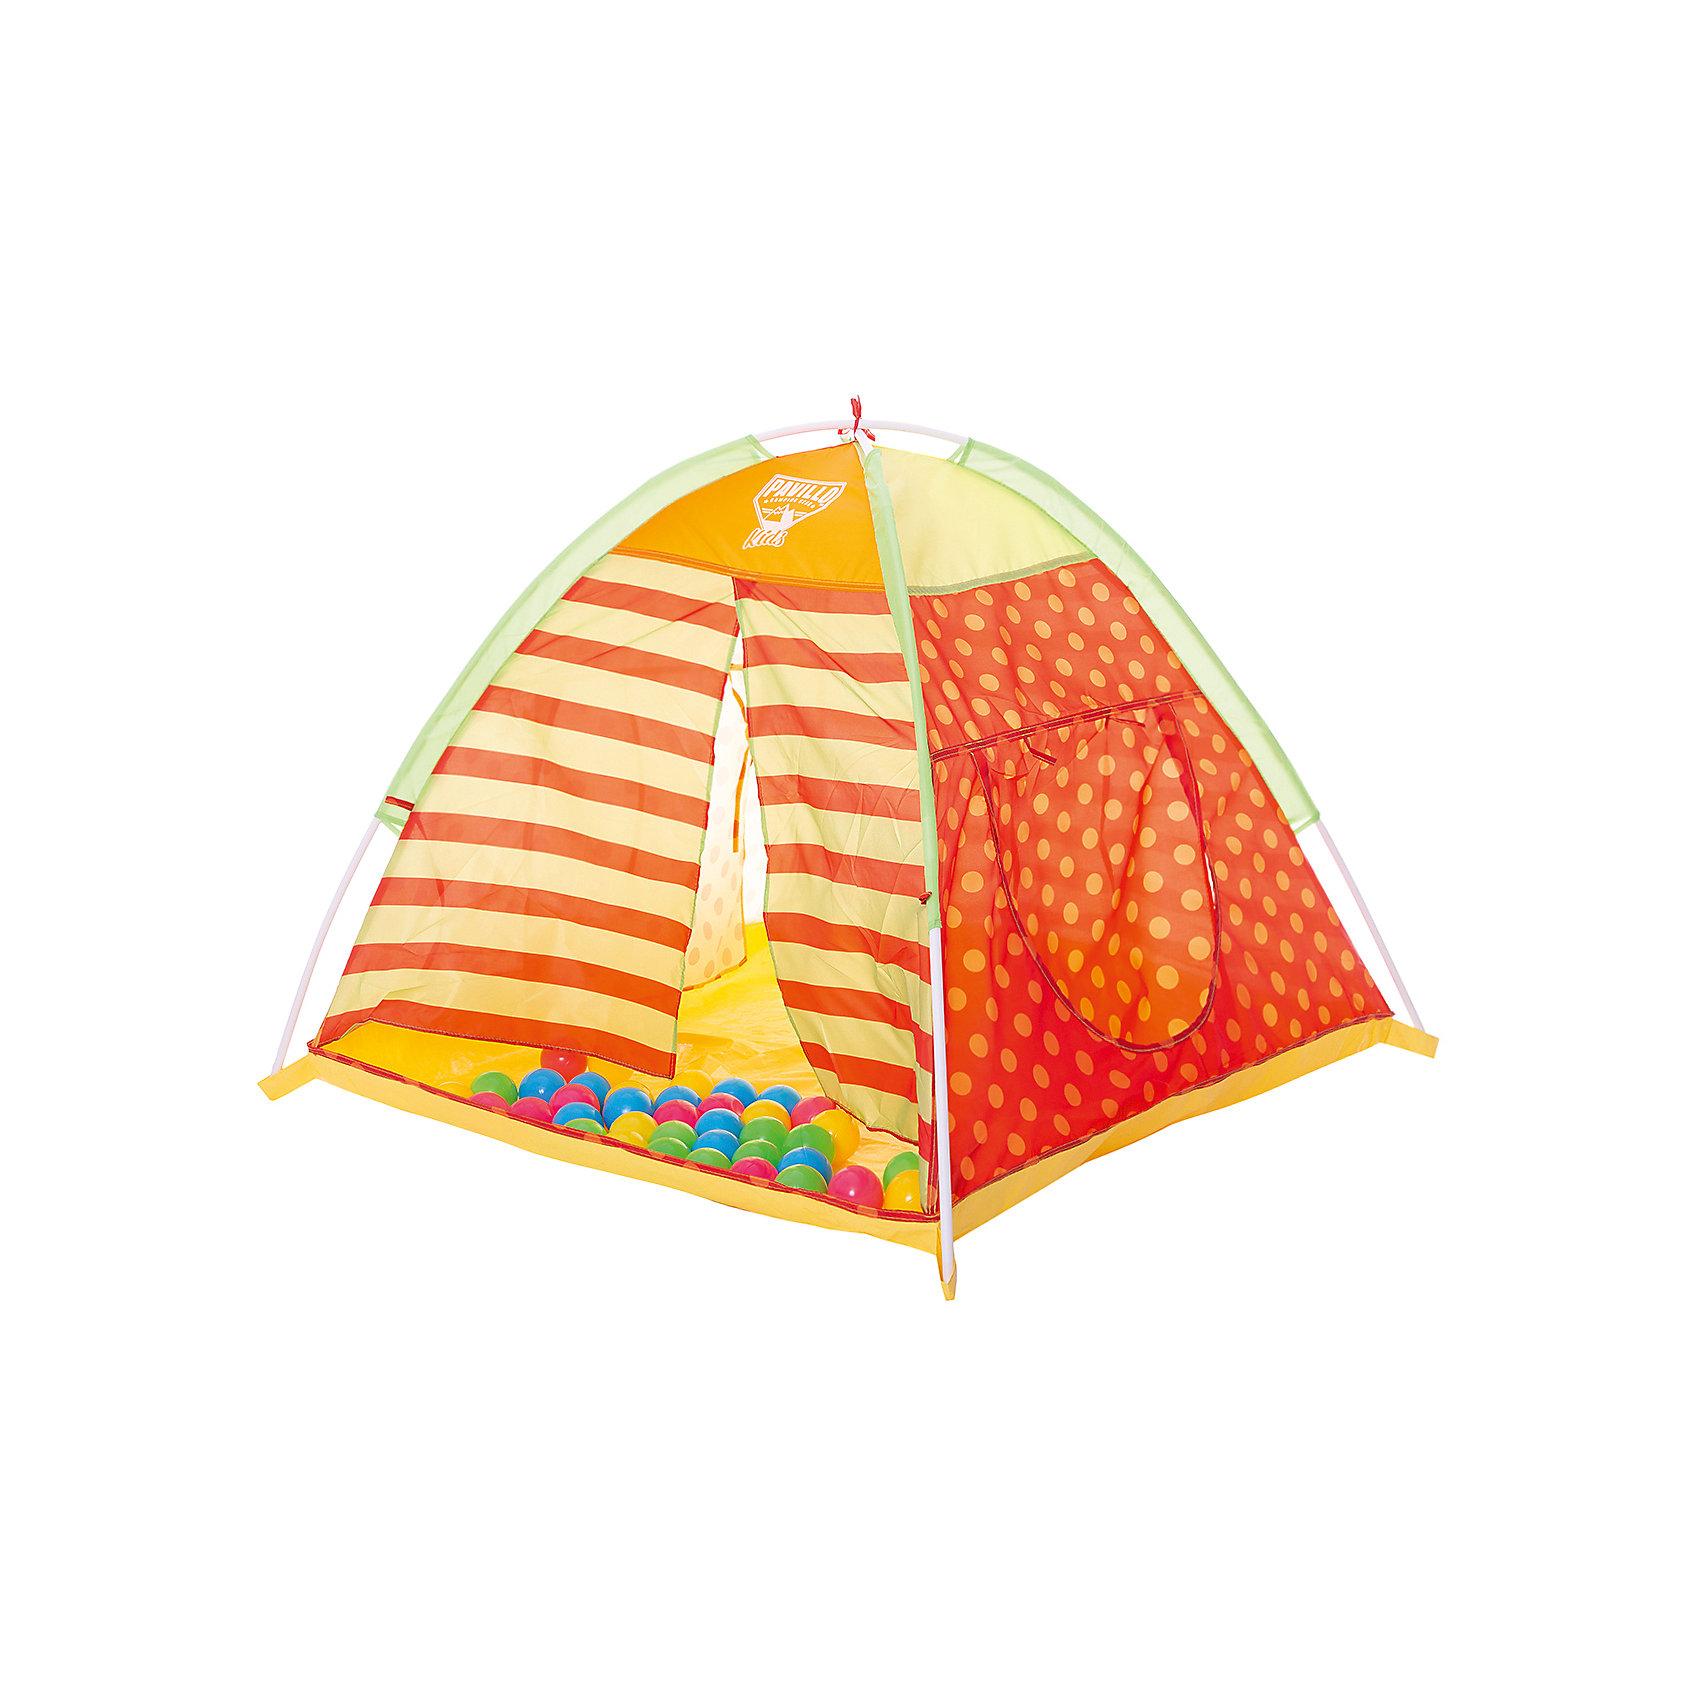 Детская палатка для игр с 40 шариками, Bestway